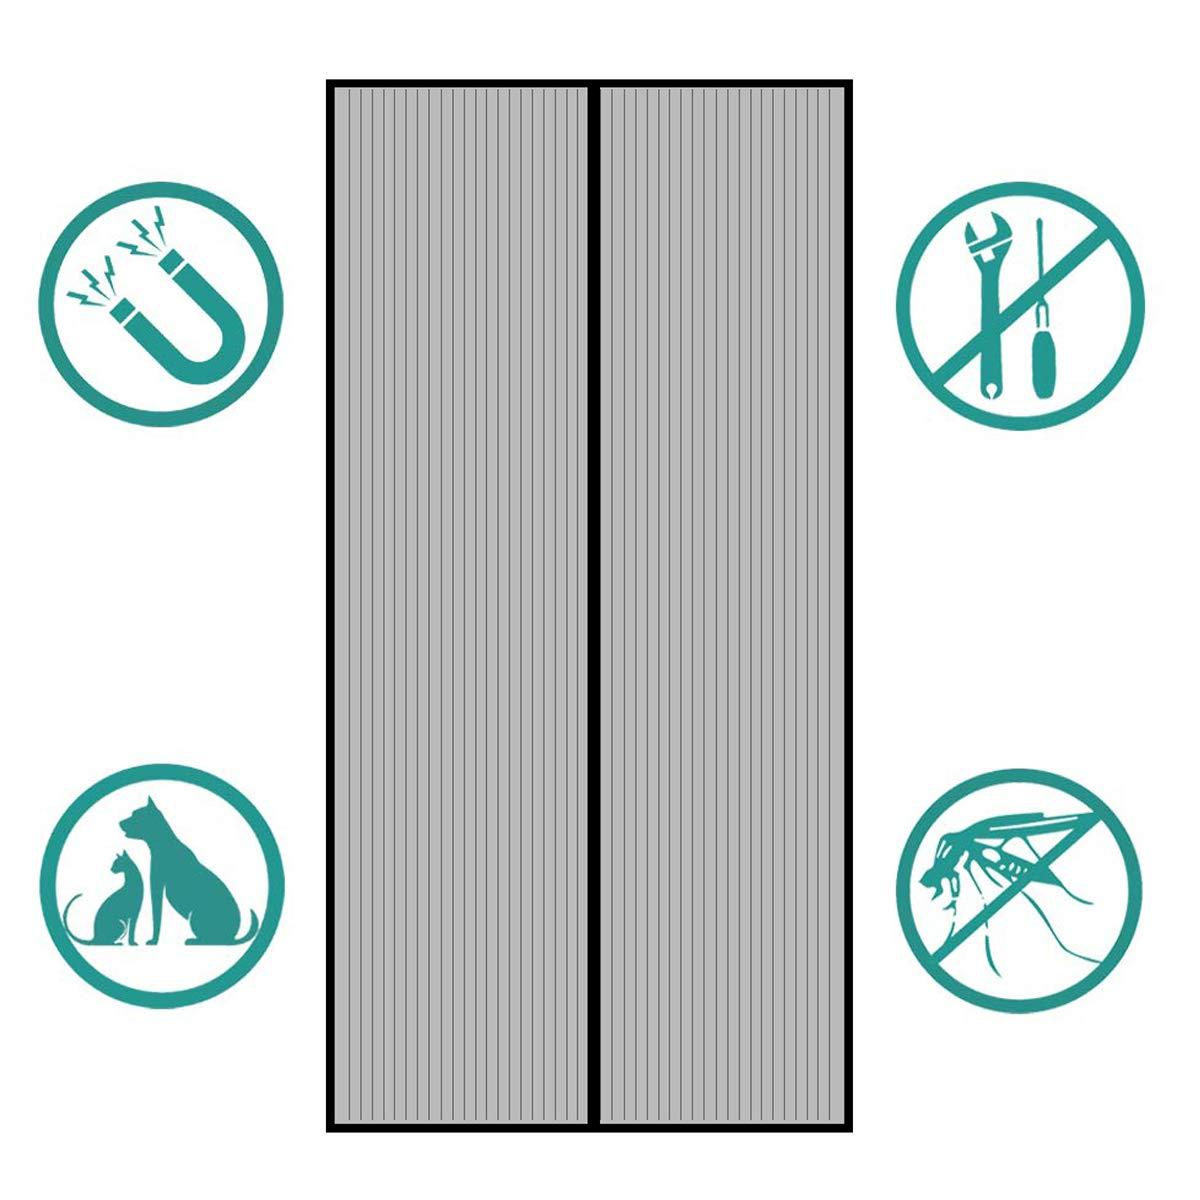 Avanc/ée Rideau Magn/étique Anti-insectes pour Porte de Balcon Kit dinstallation Complet Porte de Terrasse porte Cave Noir Montage Facile /à Coller Sekey 220 x 110cm Moustiquaire pour Portes